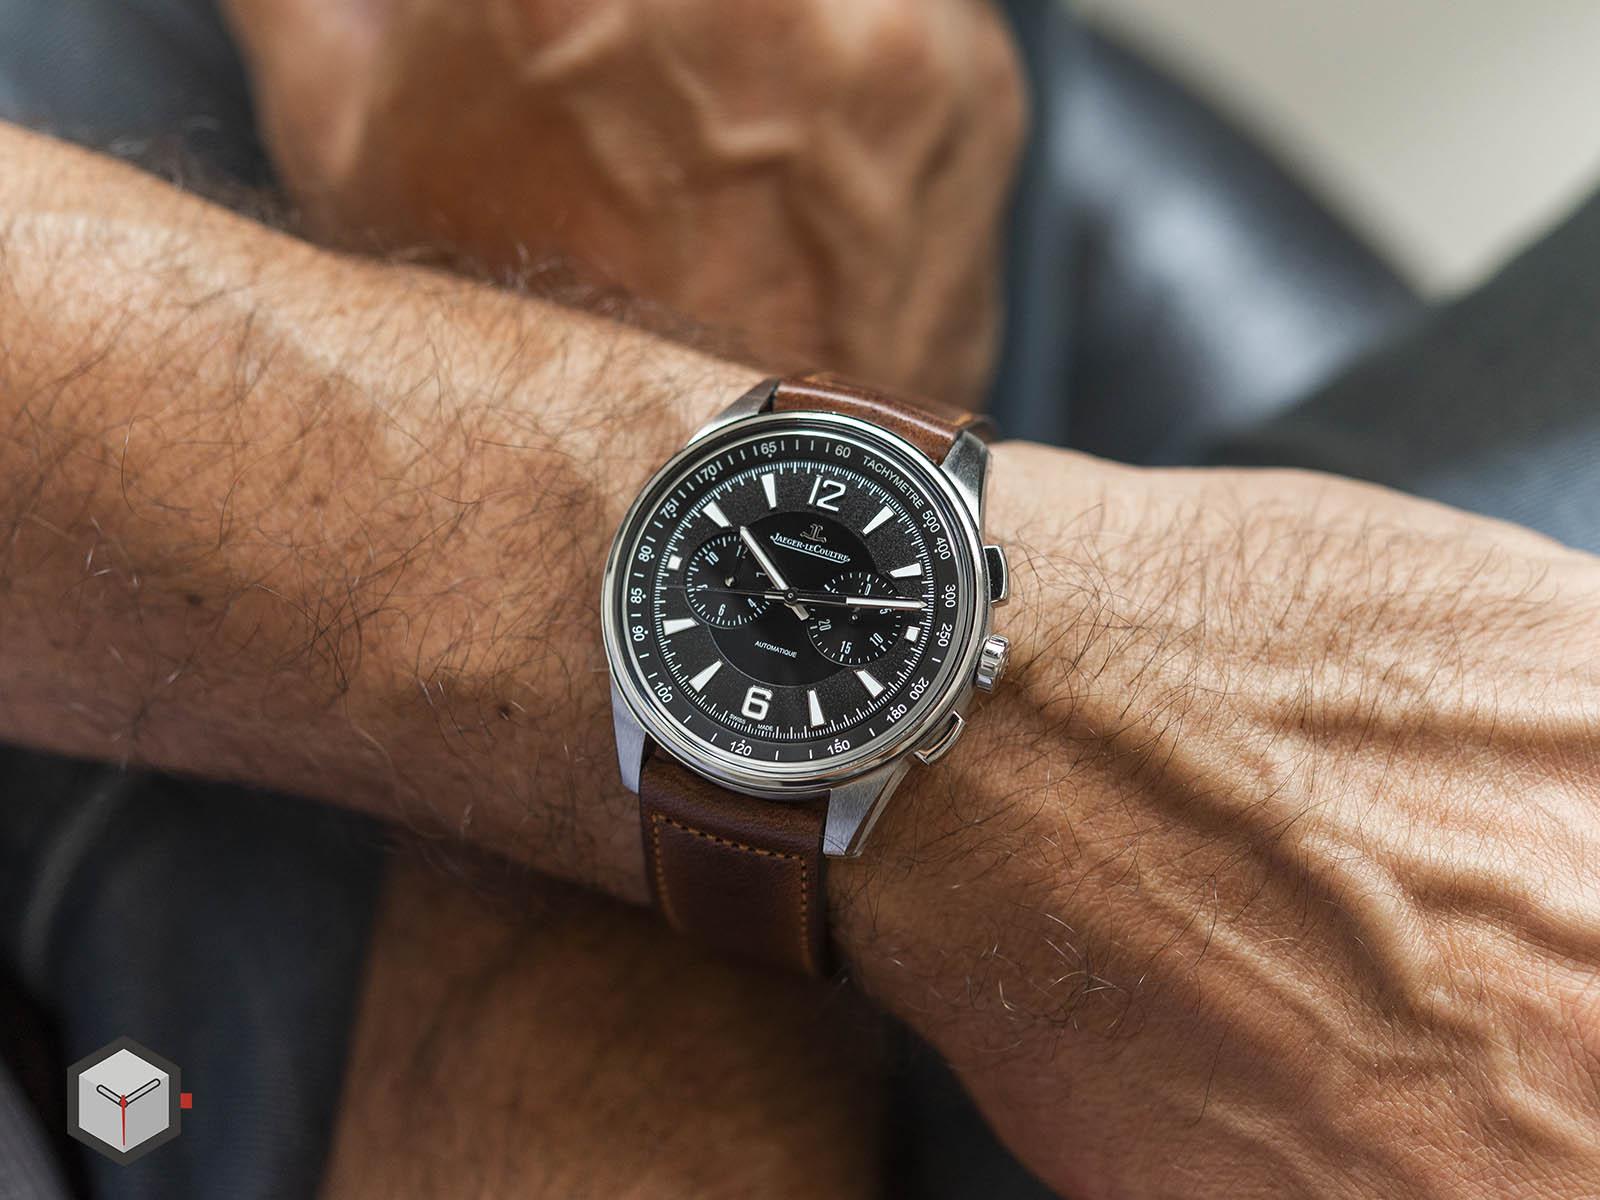 9028471-jaeger-lecoultre-polaris-chronograph-stainless-steel-11.jpg